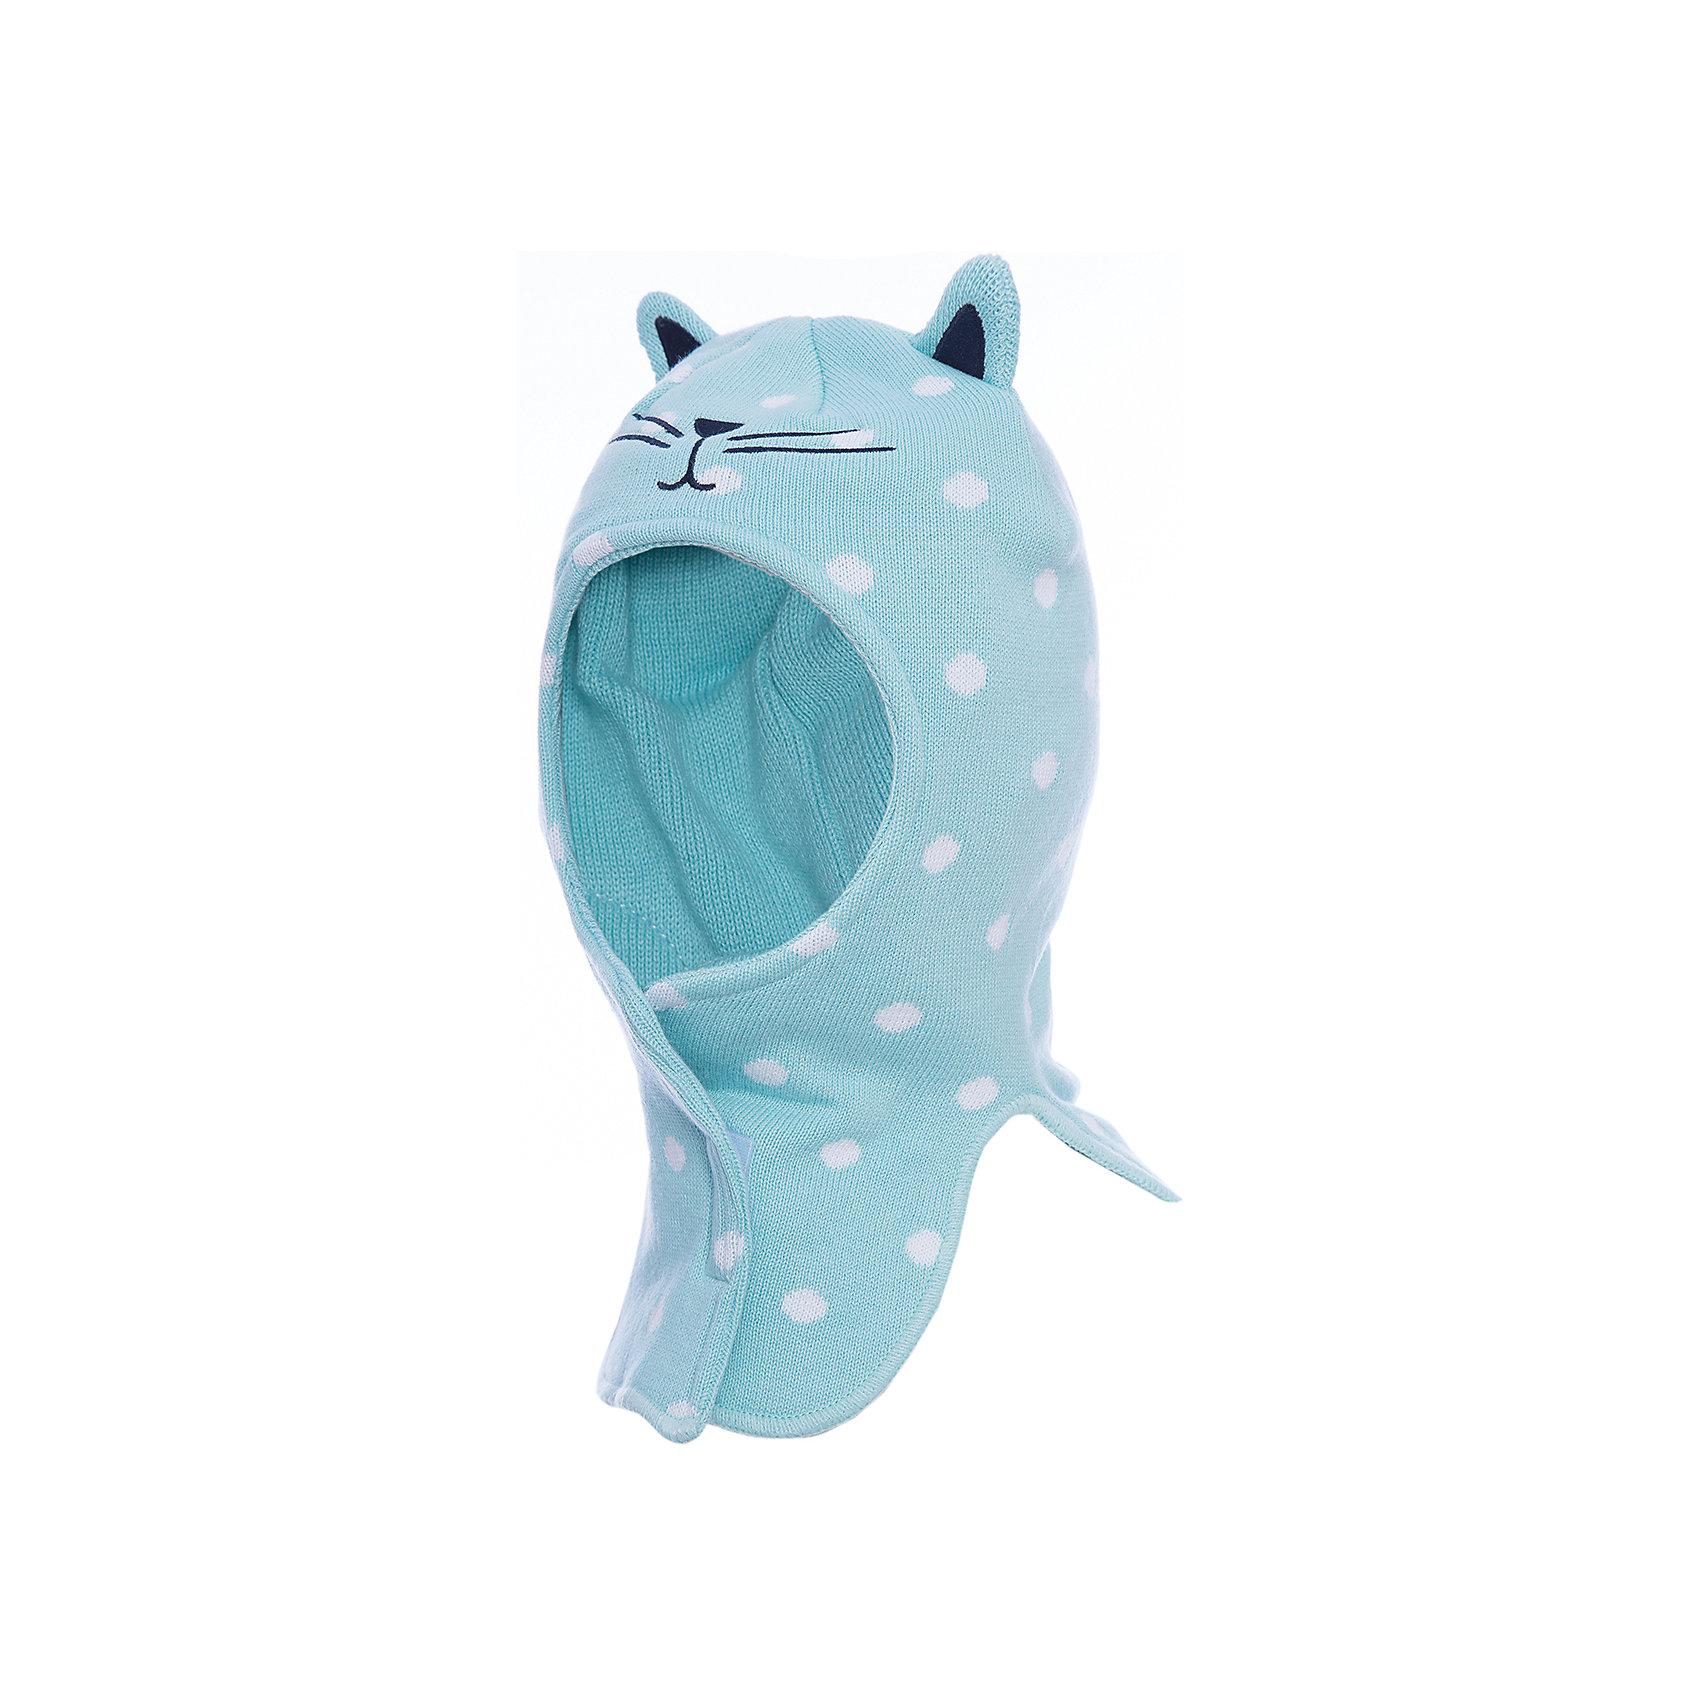 Шапка PlayToday для девочкиДемисезонные<br>Шапка PlayToday для девочки<br>Вязаная шапка на липучках. Хорошо прилегает к голове и комфортна при носке, плотно закрывает шею и грудь ребенка. В области ушей специальные ветрозащитные вставки. Эргономичная конструкция такой шапки защитит уши ребенка при сильном ветре. Модель декорирована ушками животного.<br>Состав:<br>Верх: 60% хлопок, 40% акрил, подкладка:100% полиэстер<br><br>Ширина мм: 89<br>Глубина мм: 117<br>Высота мм: 44<br>Вес г: 155<br>Цвет: белый<br>Возраст от месяцев: 72<br>Возраст до месяцев: 84<br>Пол: Женский<br>Возраст: Детский<br>Размер: 54,50,52<br>SKU: 7115779